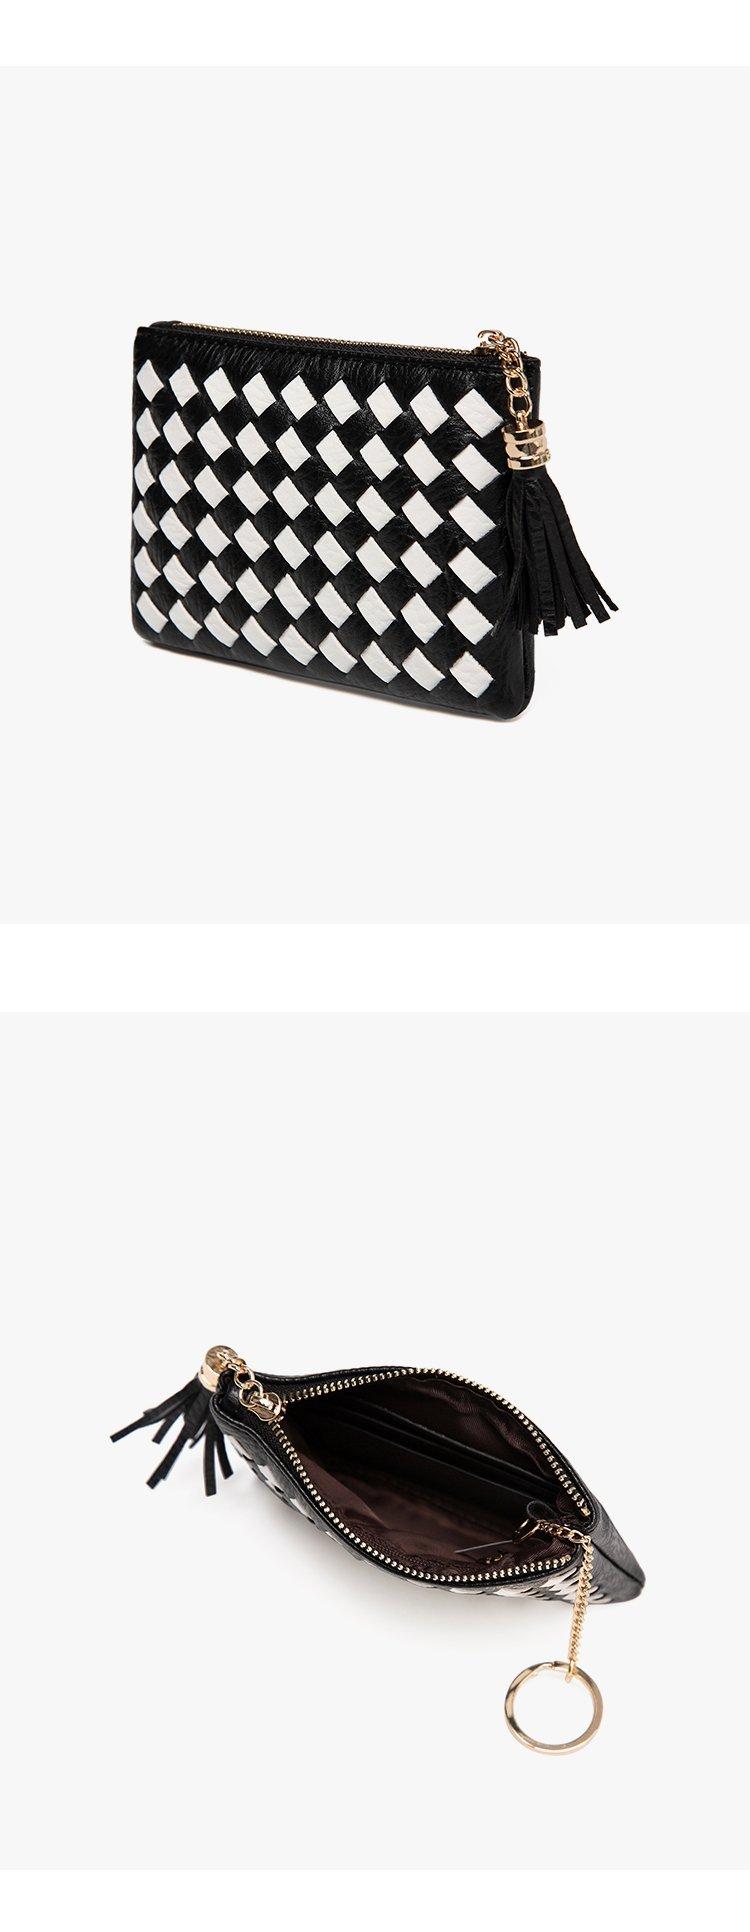 2017年新款格子编织零钱包黑白色